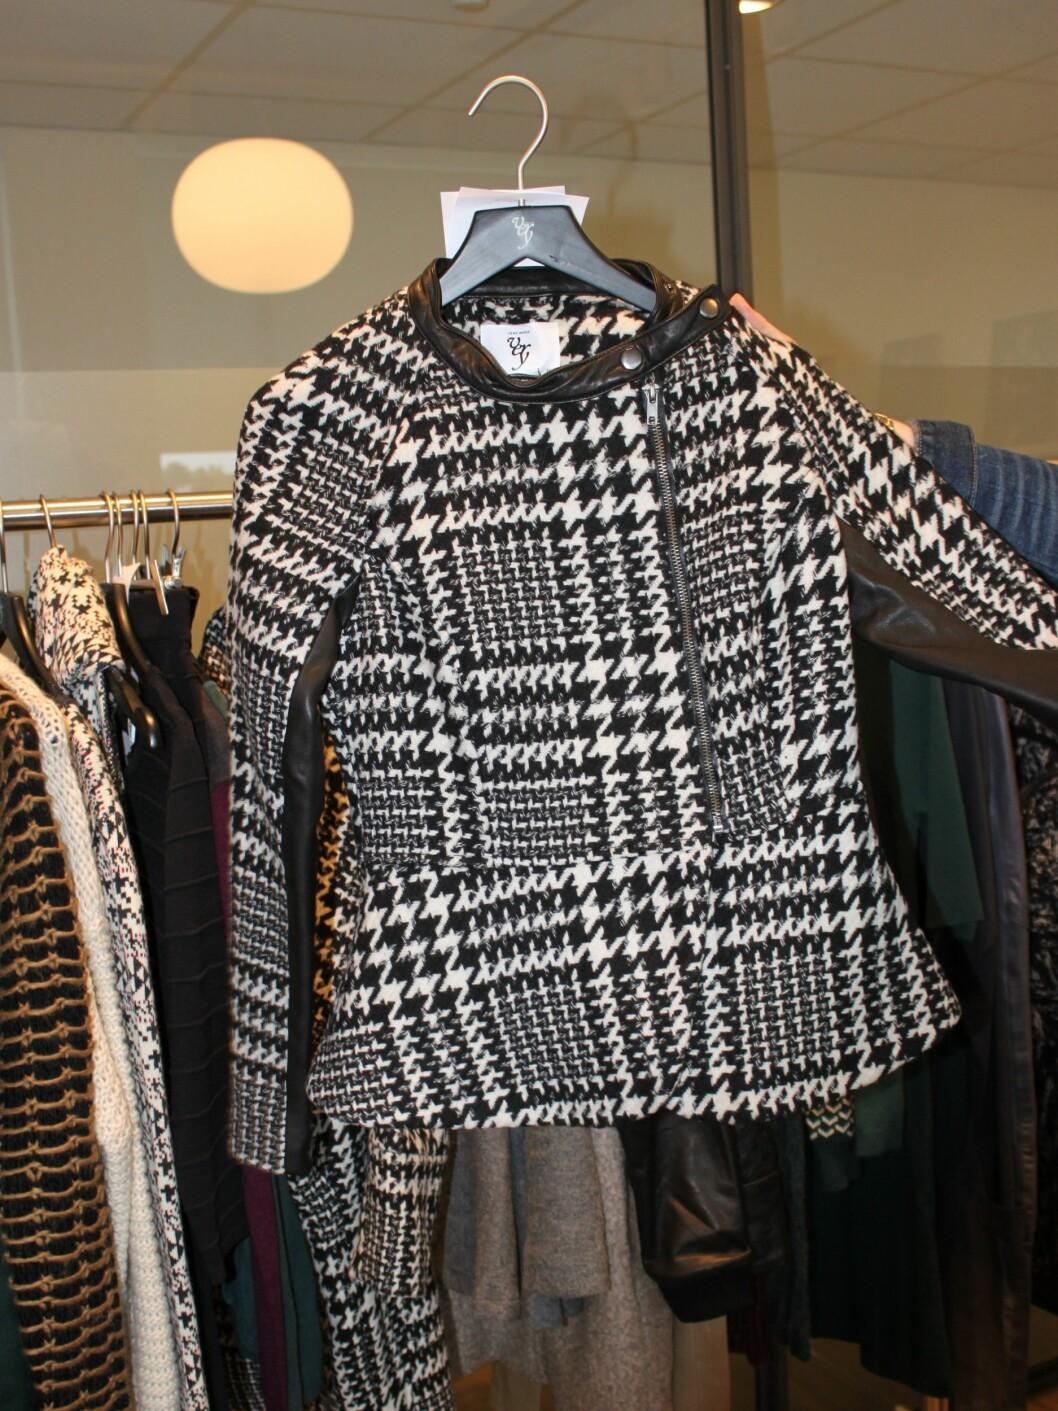 Hundetann + skinn = sant. Legg også merke til at jakken har kappe, for å framheve de feminine formene.  Foto: Tone Ruud Engen